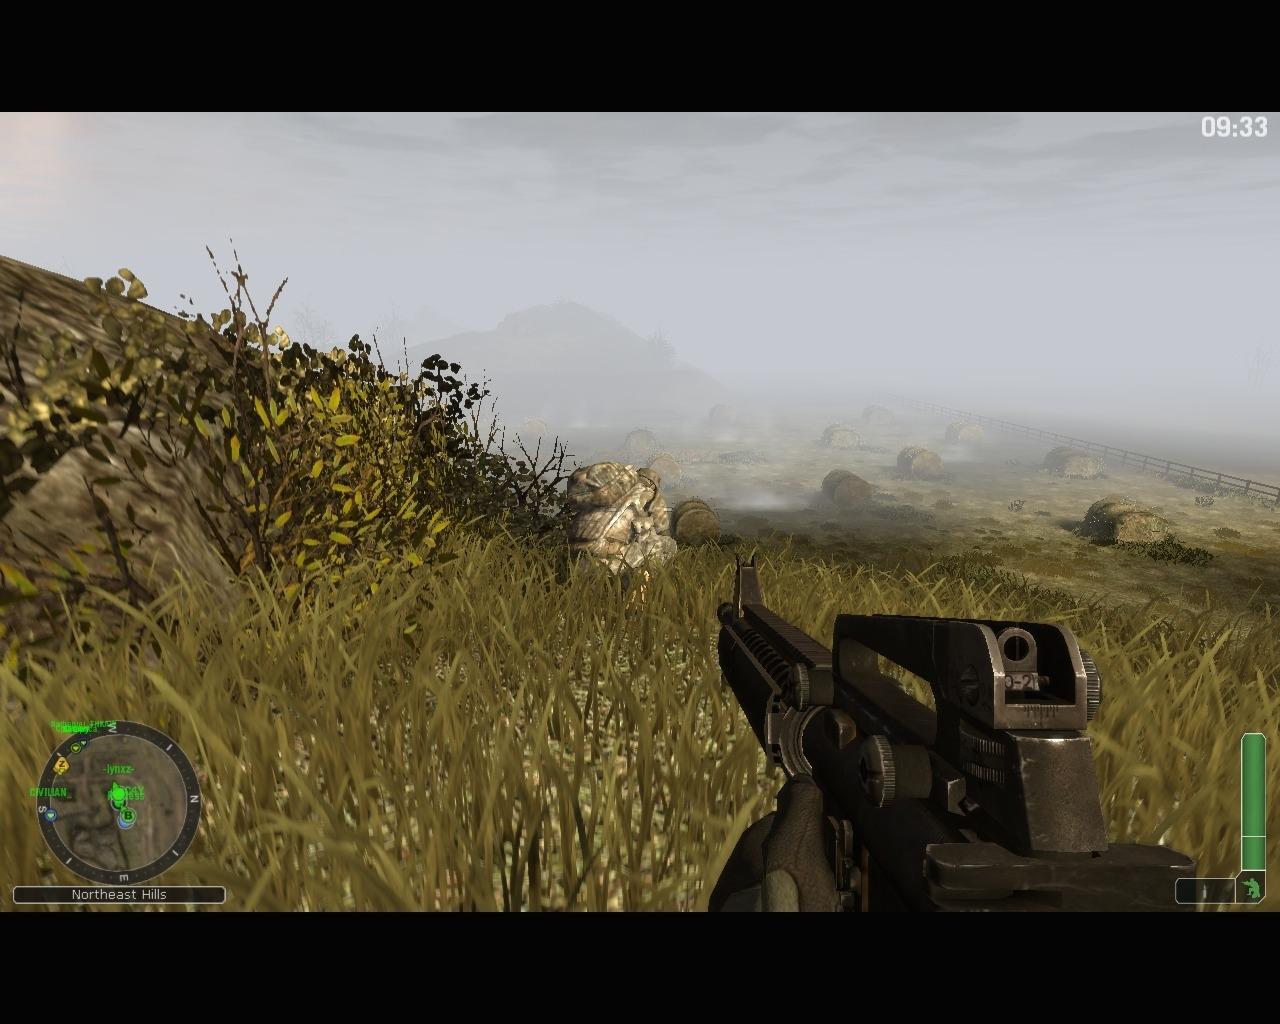 *Les points Call of Duty (PC) seront accessibles dans Call of Duty®: Modern Warfare® dès leur mise à disposition dans le jeu. La disponibilité peut varier selon les plateformes et les régions, et peut être amenée à changer.